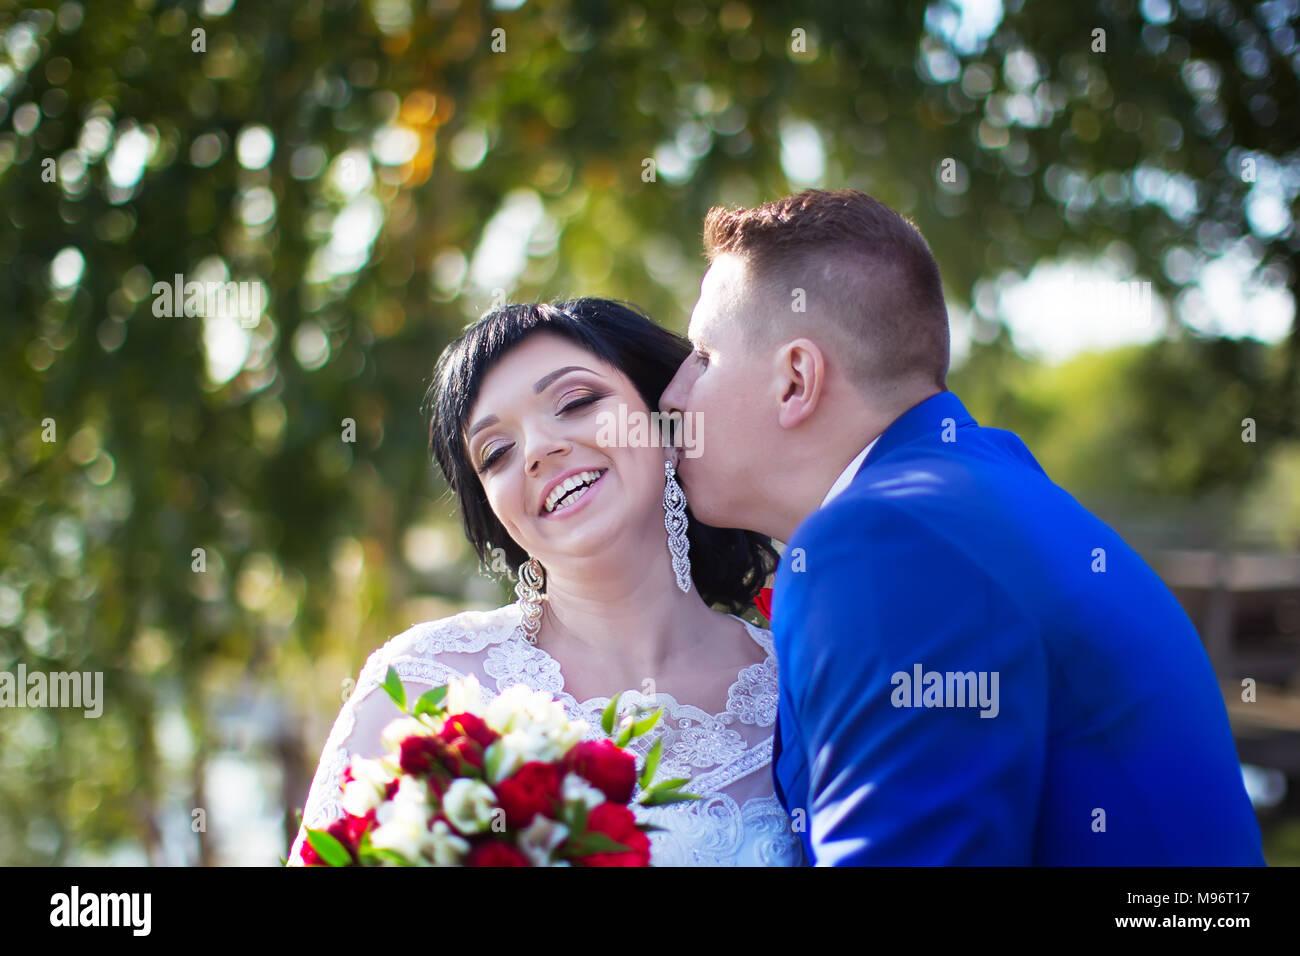 Belarús, Gomel, 29 de septiembre de 2017, Fiesta de Bodas.El novio es un kisser a la novia. La novia y el novio. Feliz novia y novio beso Imagen De Stock